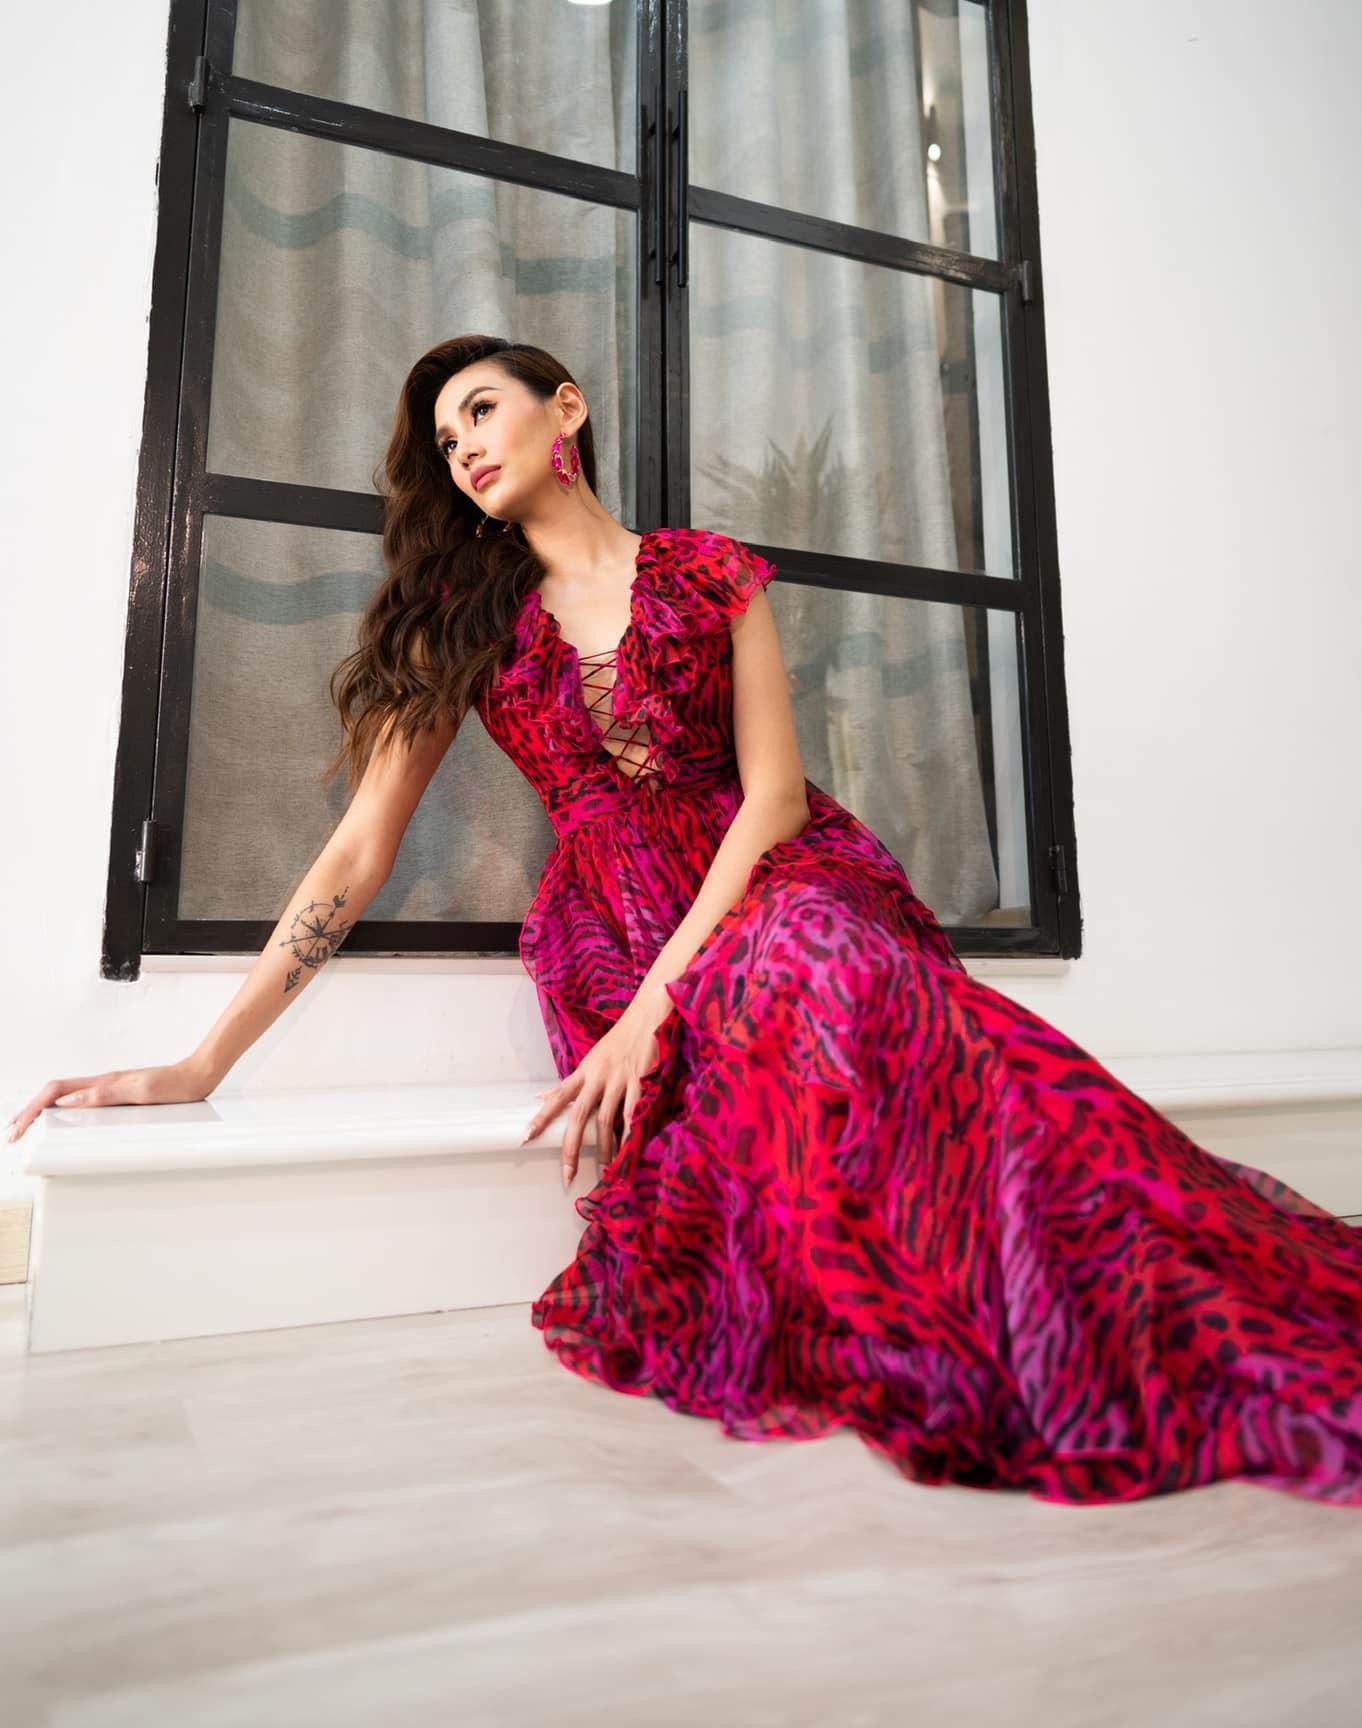 Võ Hoàng Yến khoe vẻ đẹp quyến rũ với chiếc đầm họa tiết da động vật đầy màu sắc.